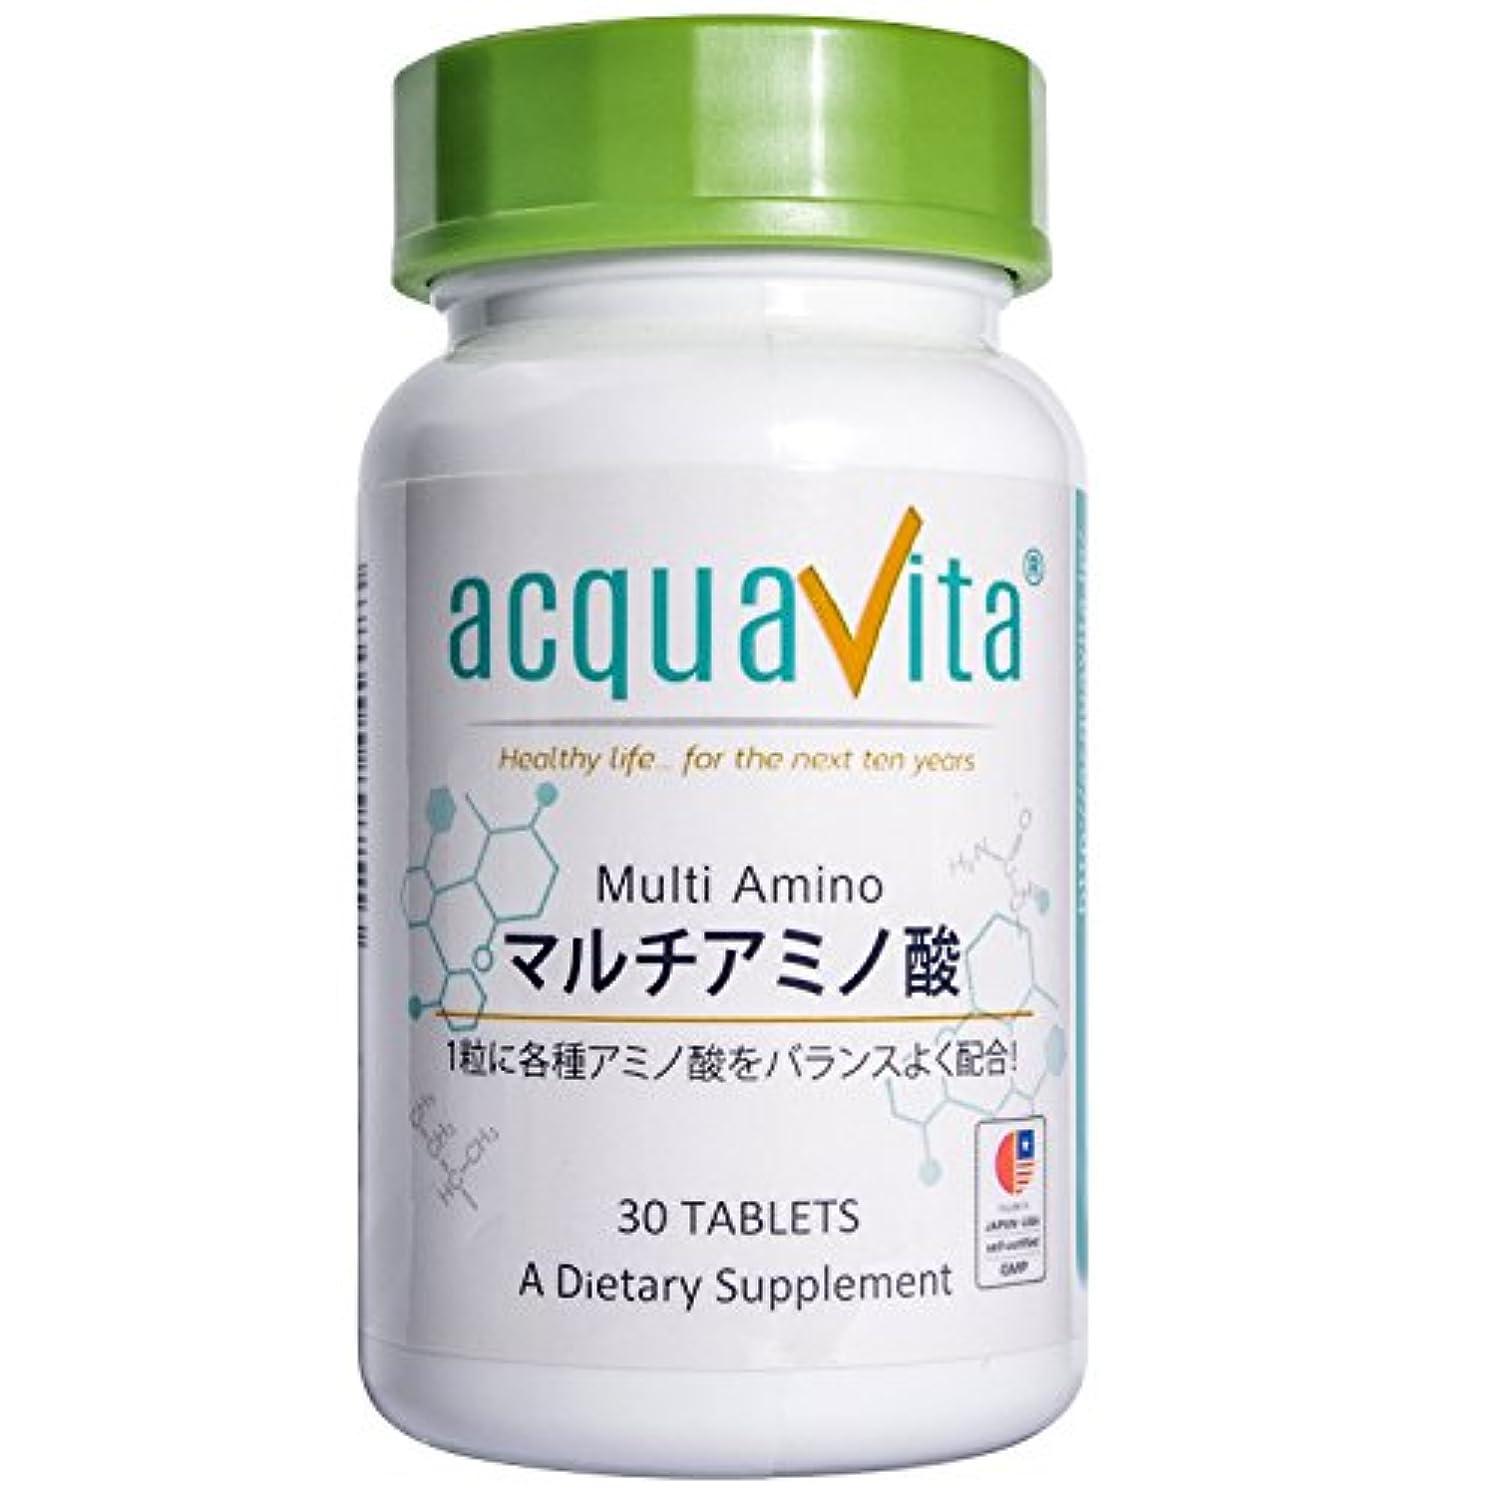 部分的に拘束するスズメバチacquavita(アクアヴィータ) マルチアミノ酸 30粒